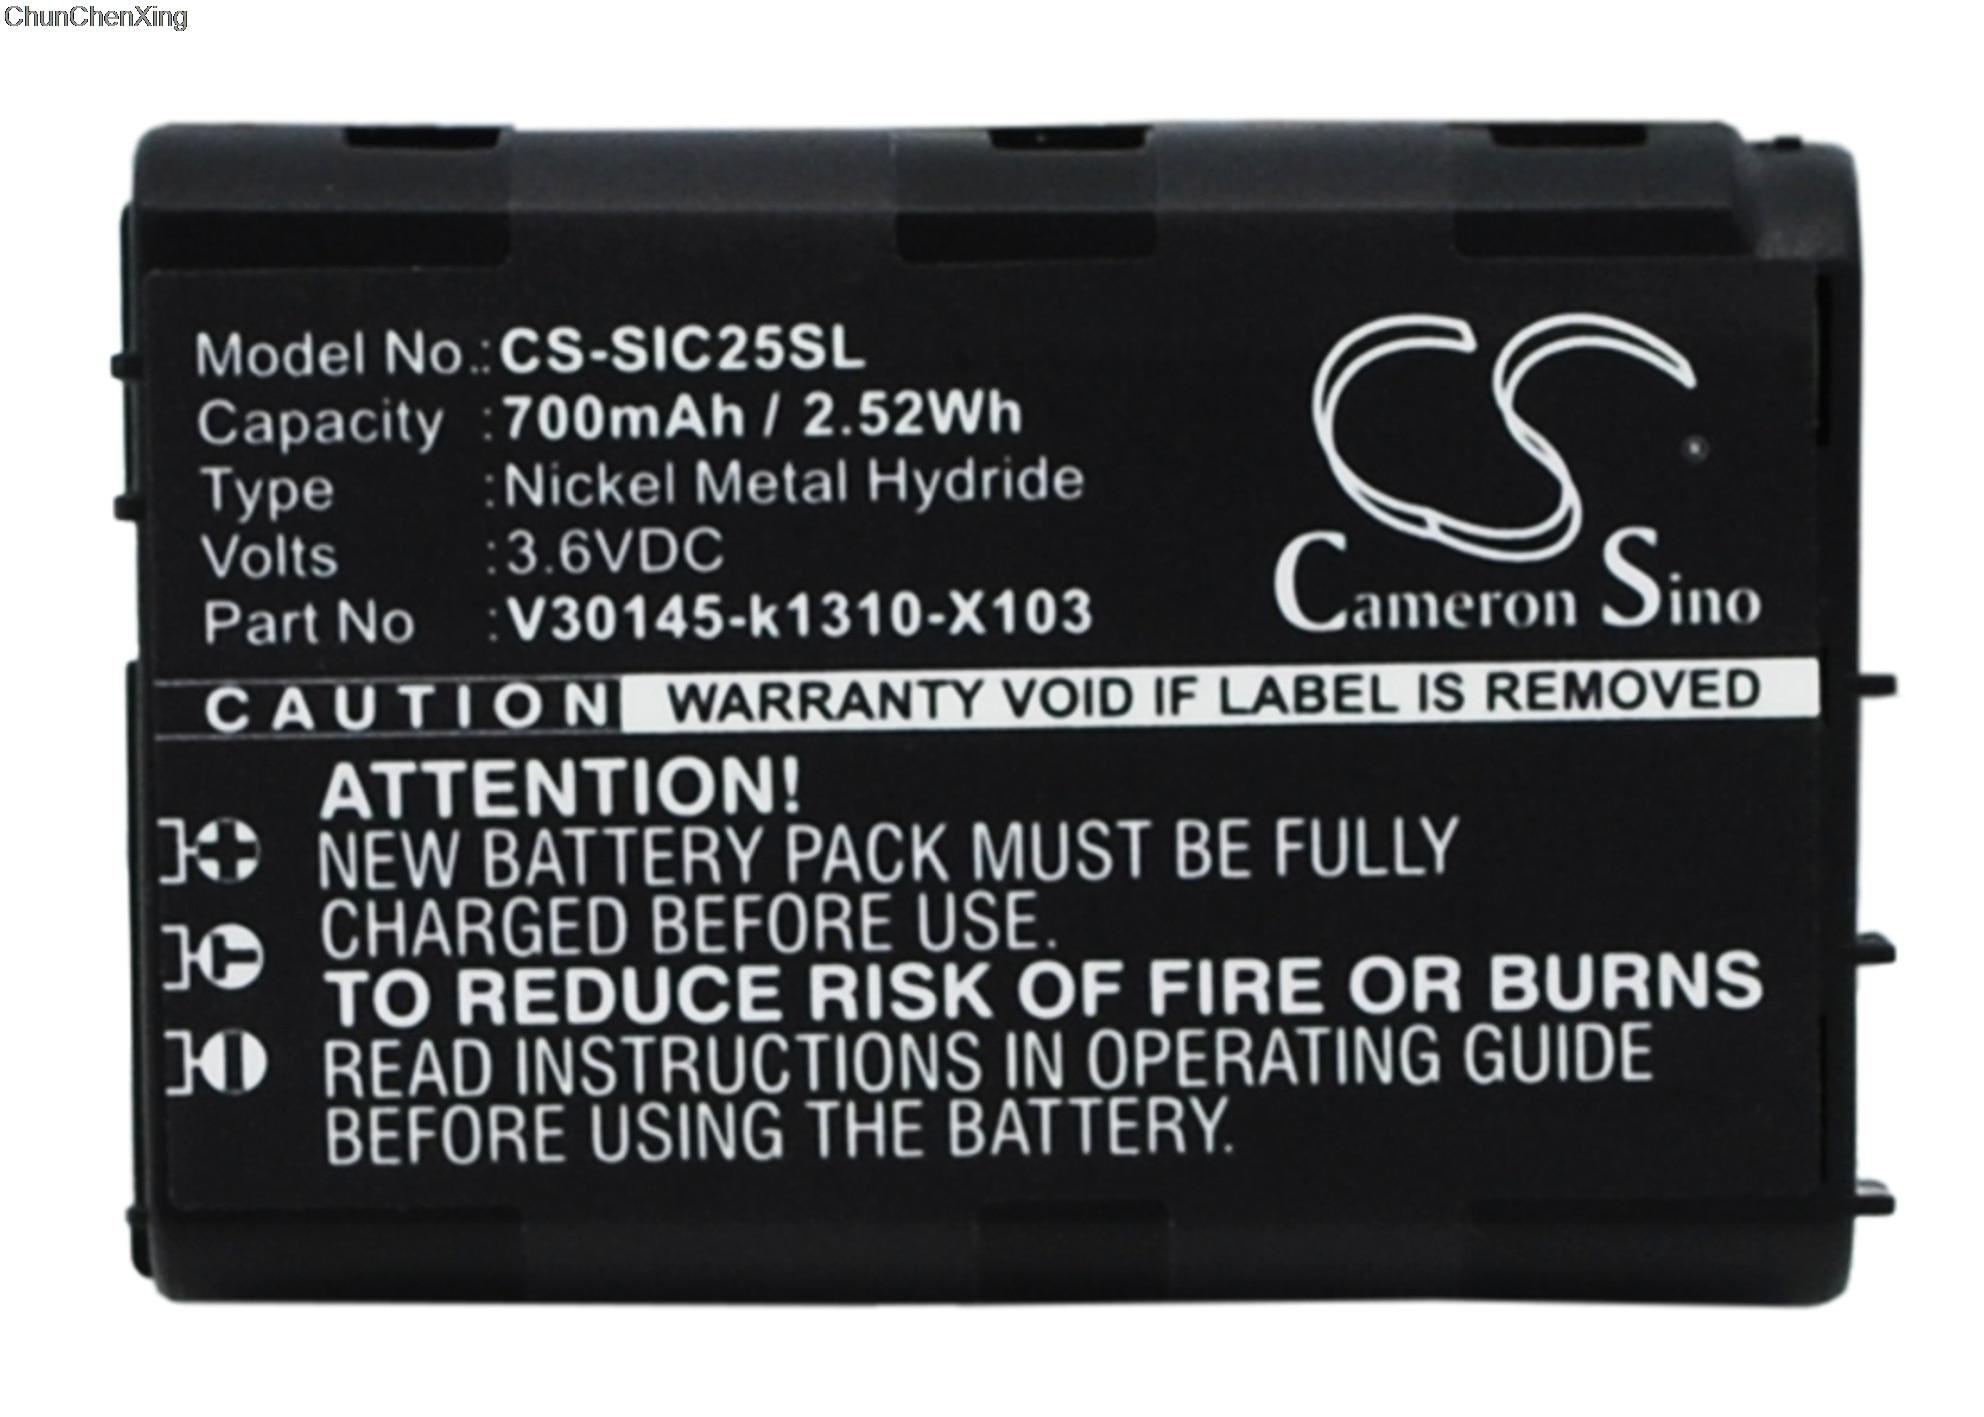 Cameron sino bateria V30145-k1310-X103 para siemens c25, c25 potência, c2588, c25e, c28